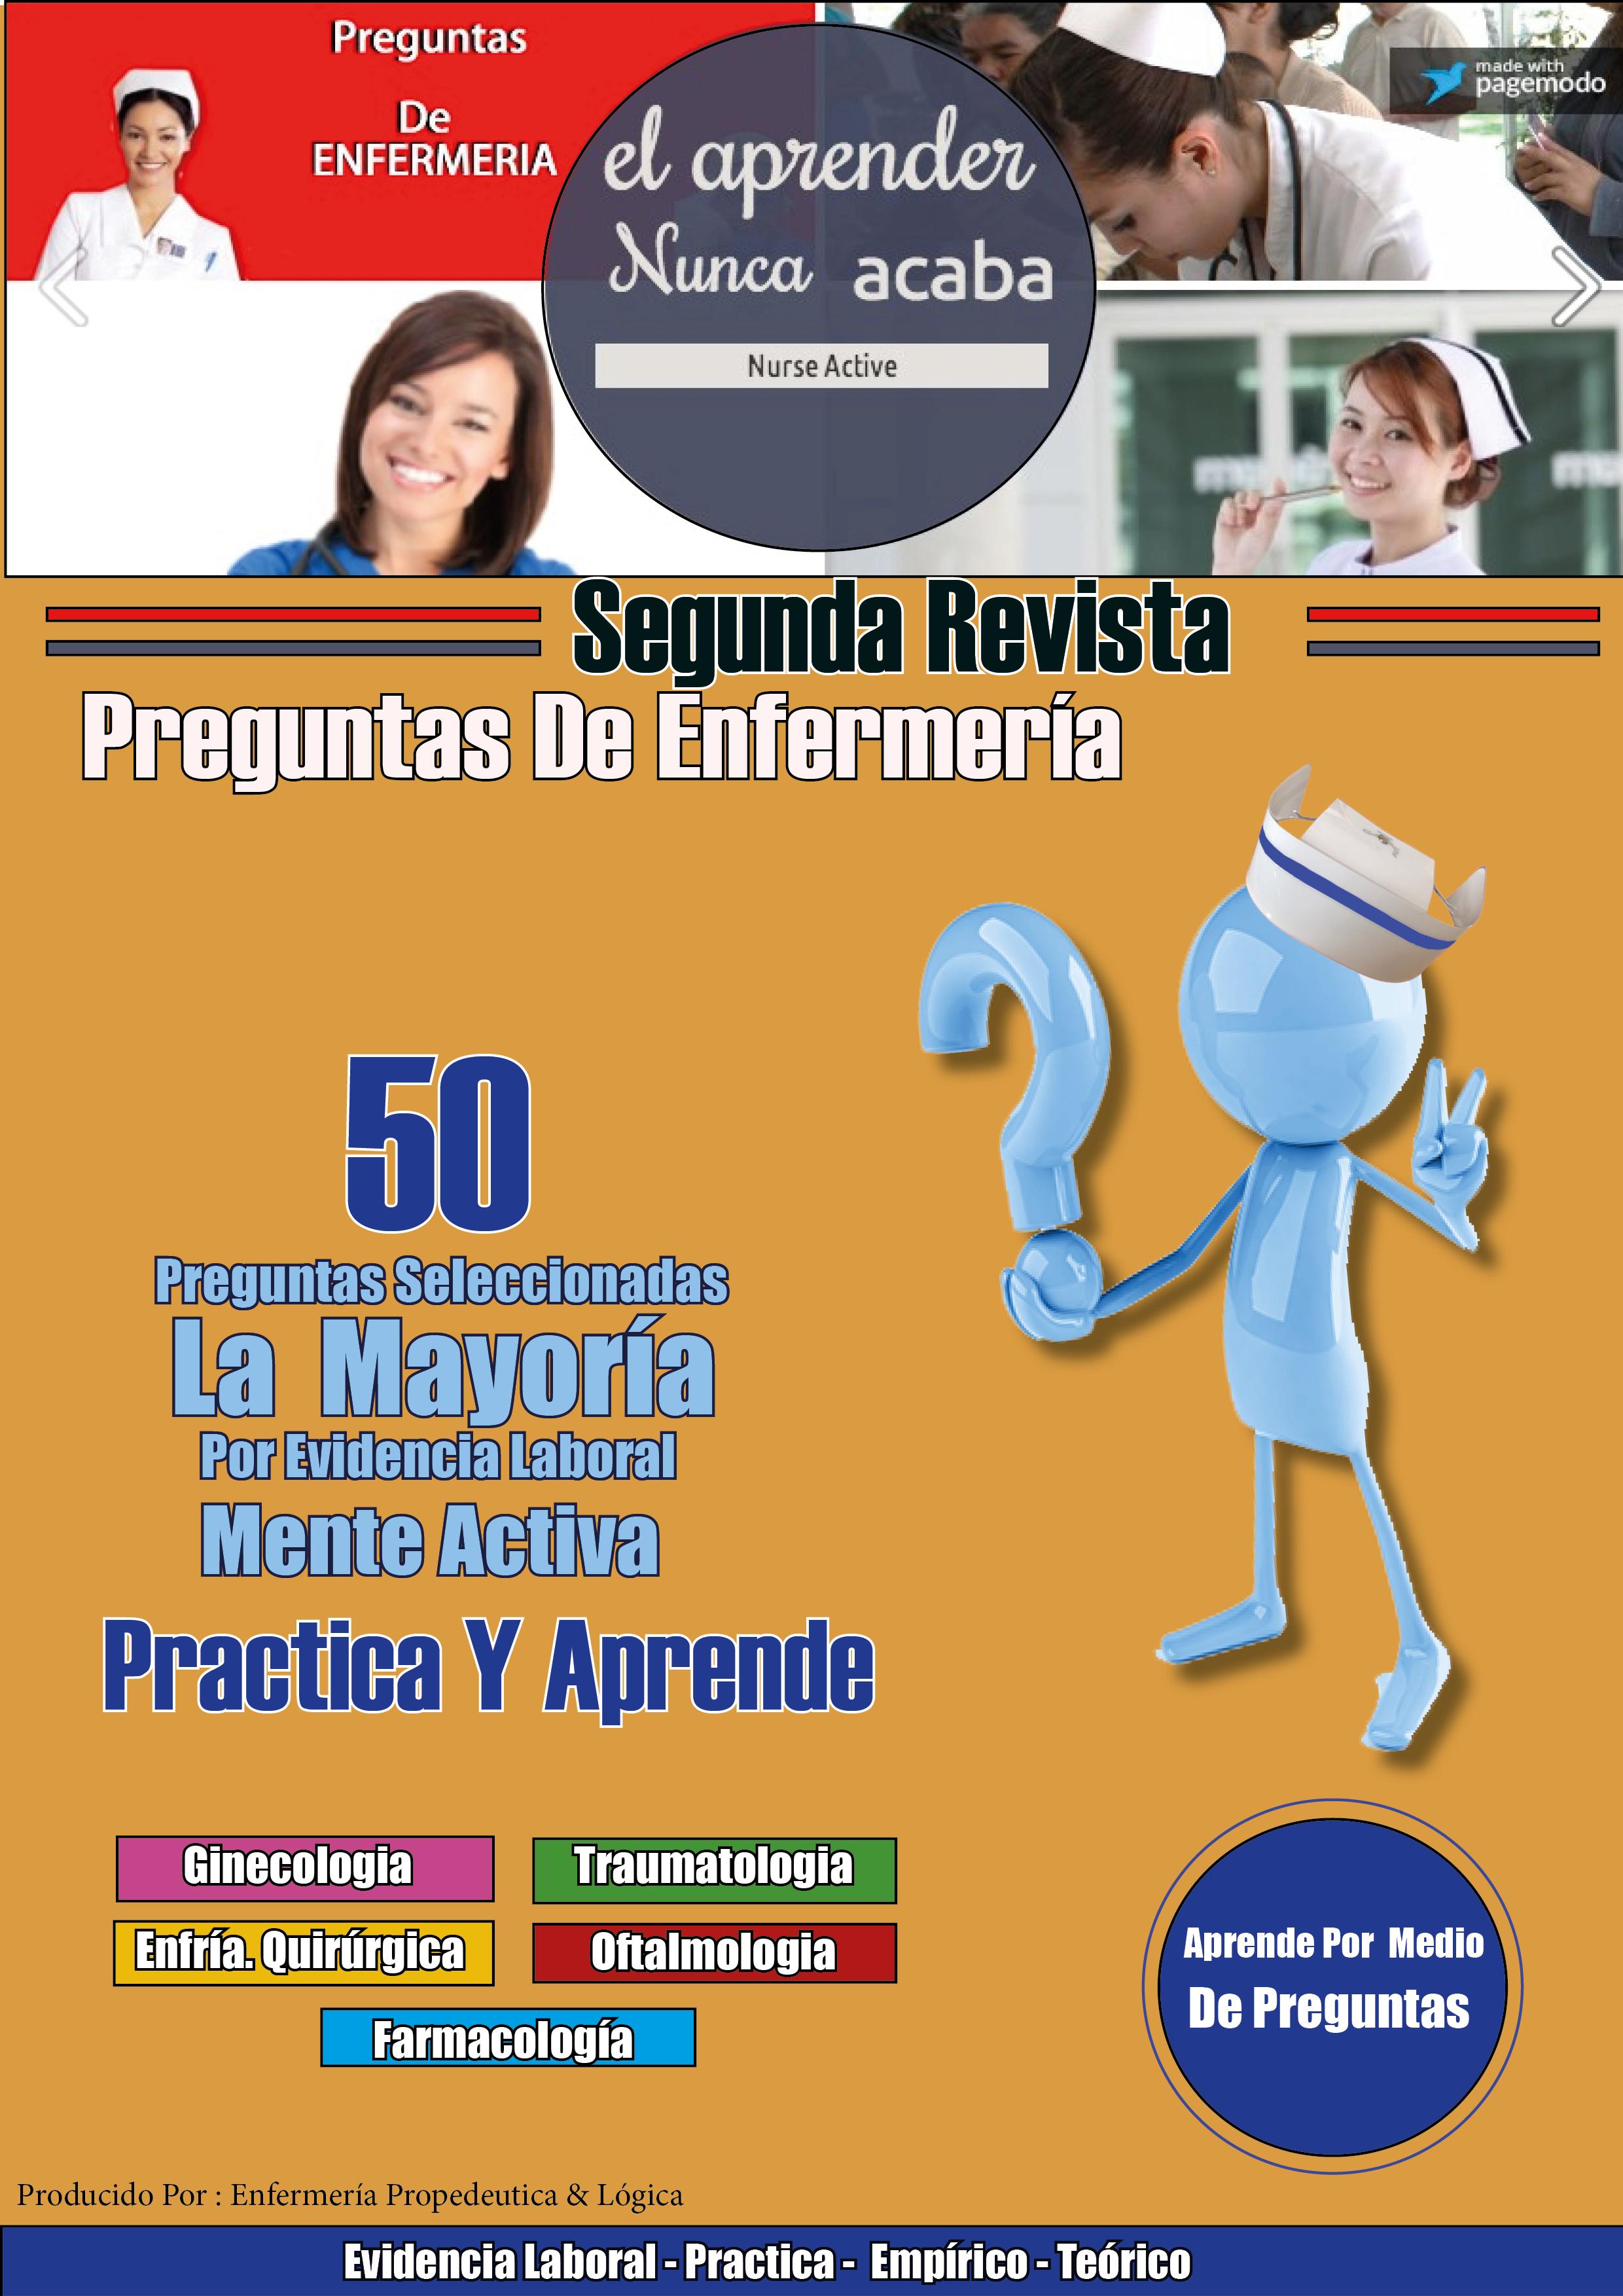 2da revista de preguntas de enfermeria  Con preguntas aprendes mas rapido y con entendimiento  la voz de la experiencia lo comprueba